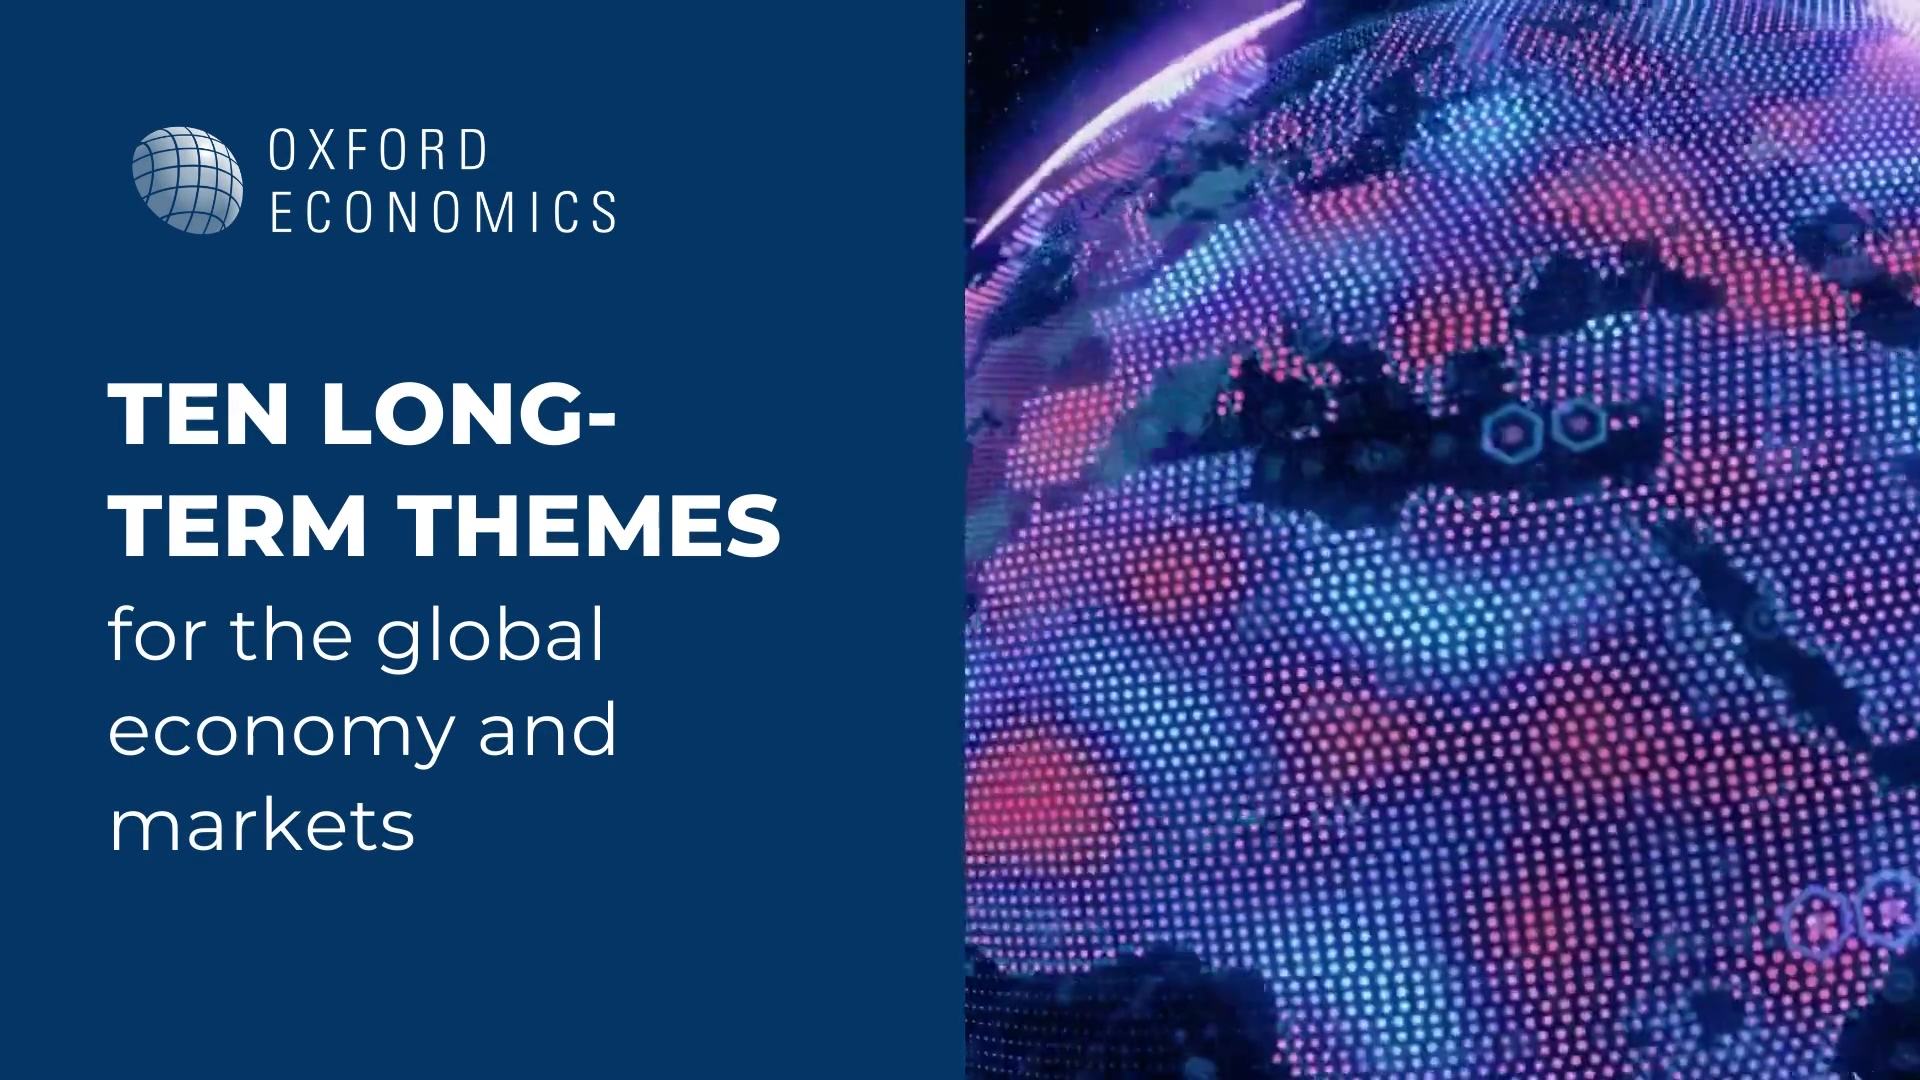 Video_RB_ten long-term themes